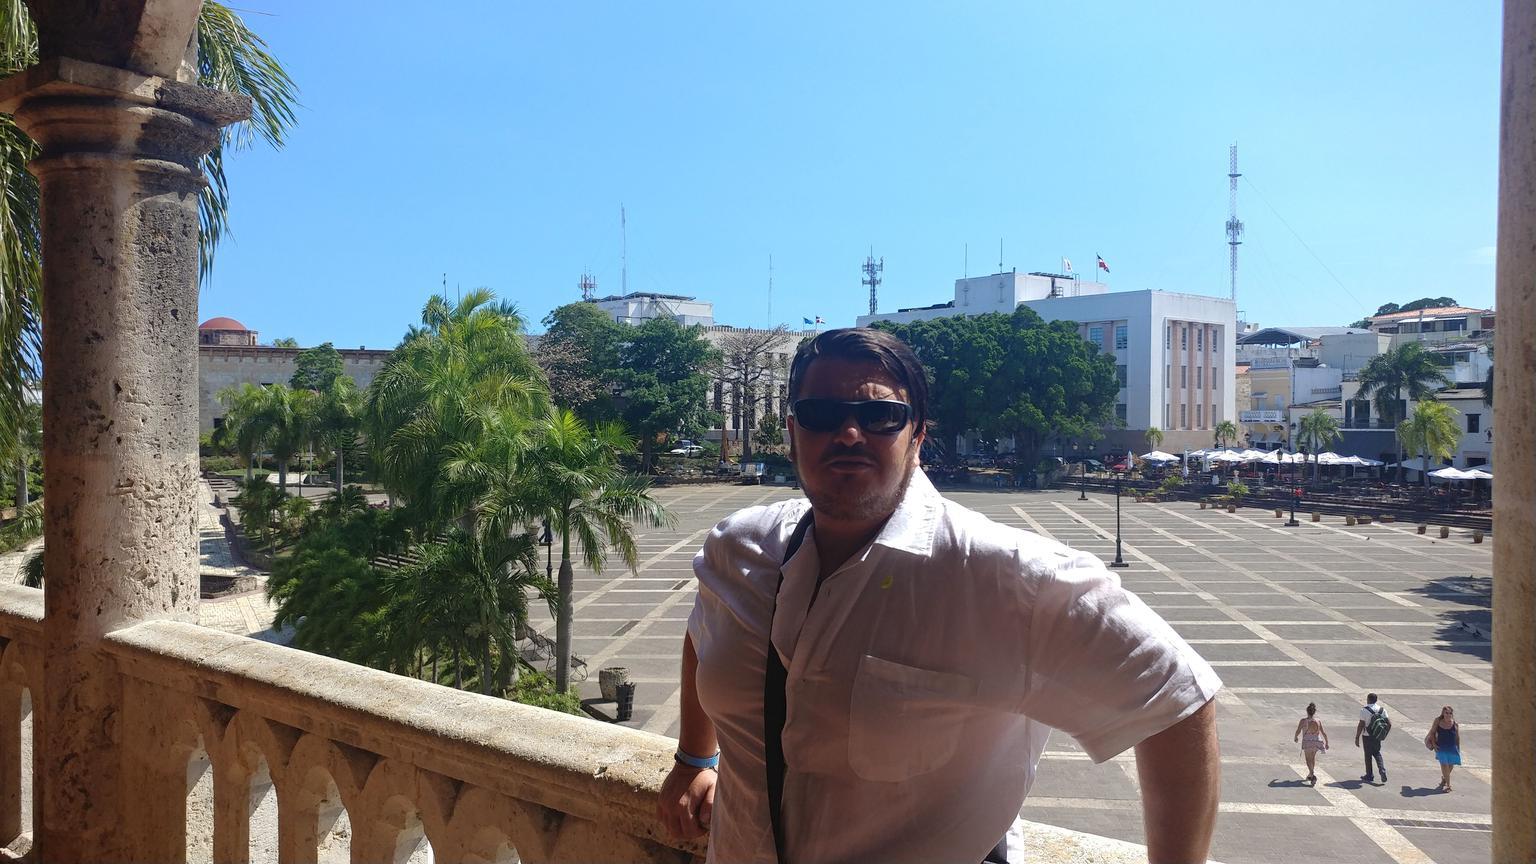 MÁS FOTOS, Historical Santo Domingo Day Trip from Punta Cana